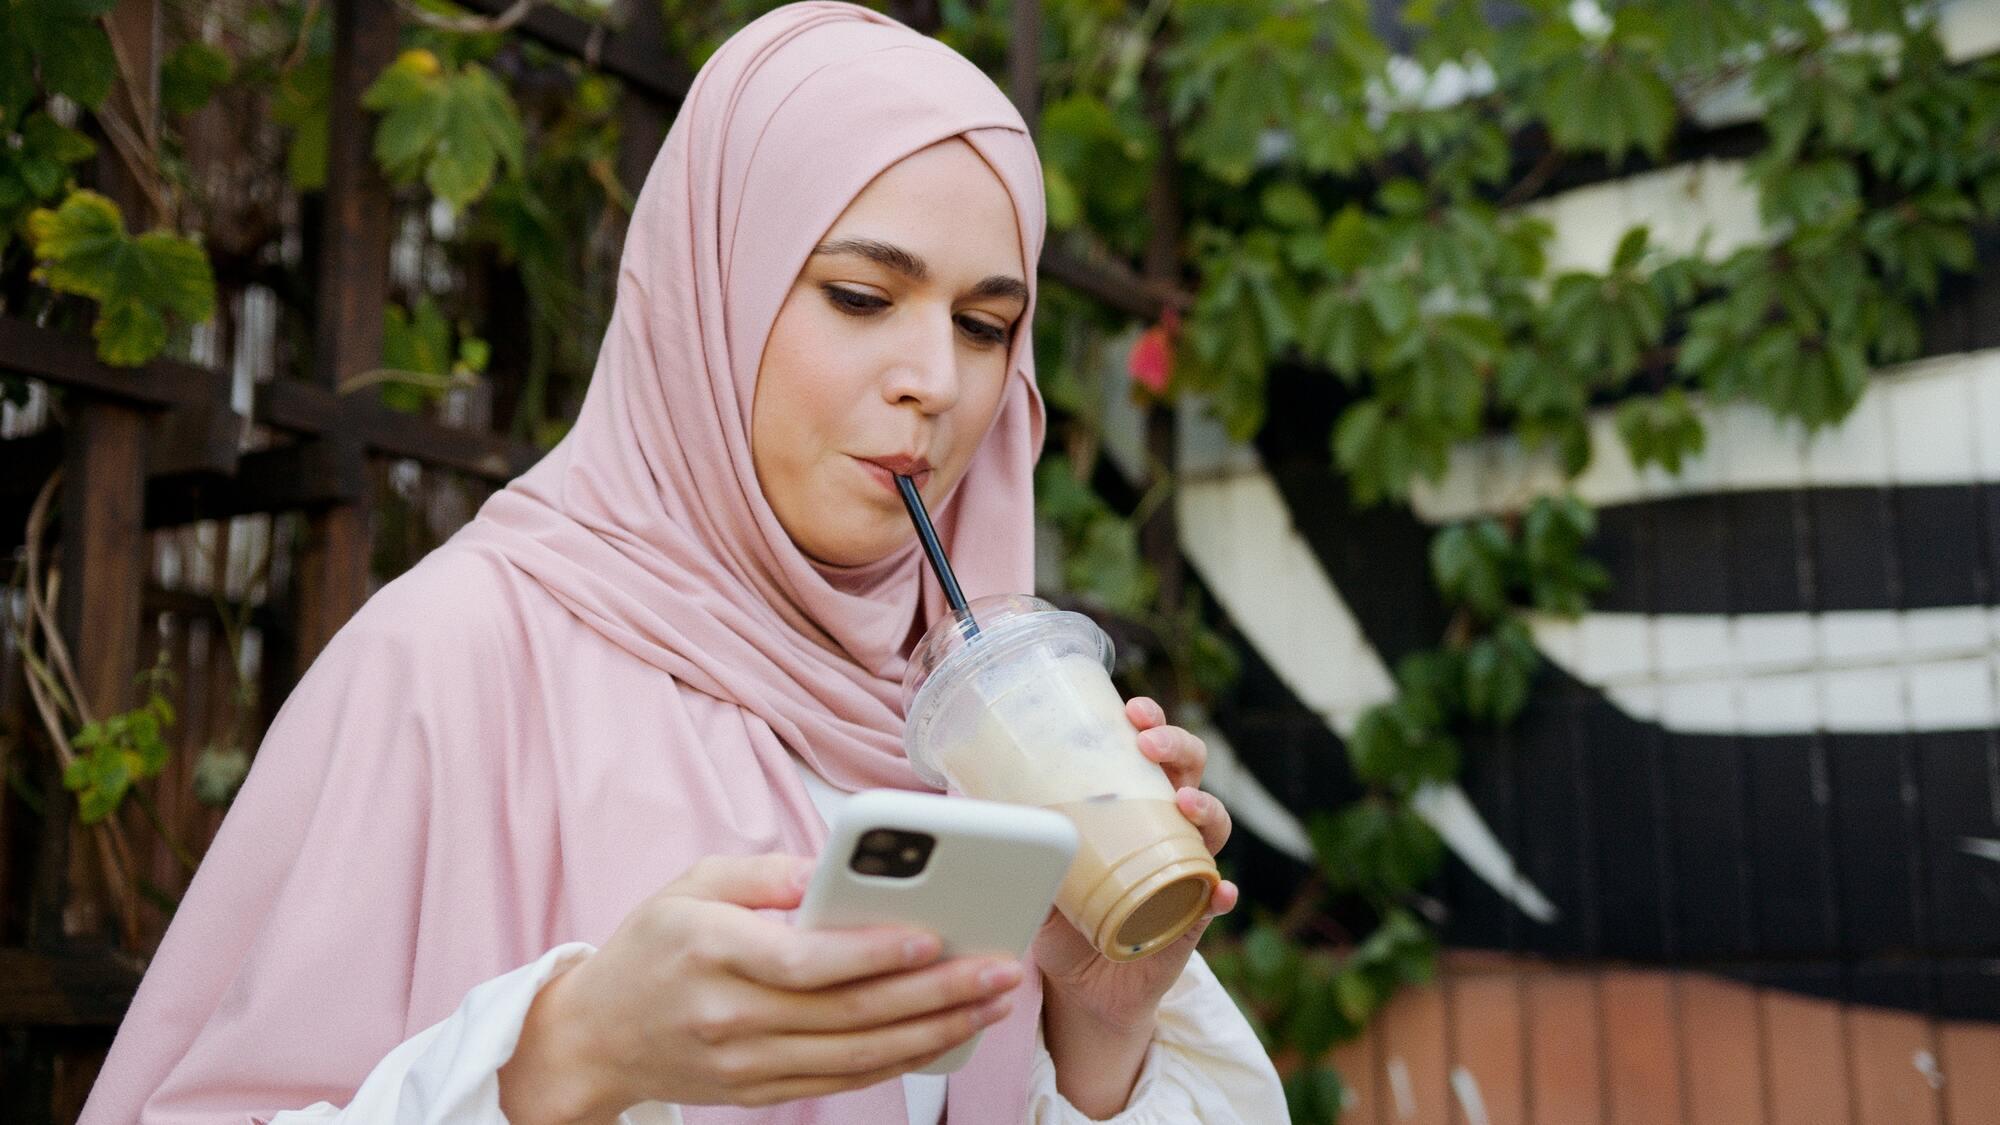 В арабському суспільстві жінці не дозволять стояти, якщо чоловік сидить